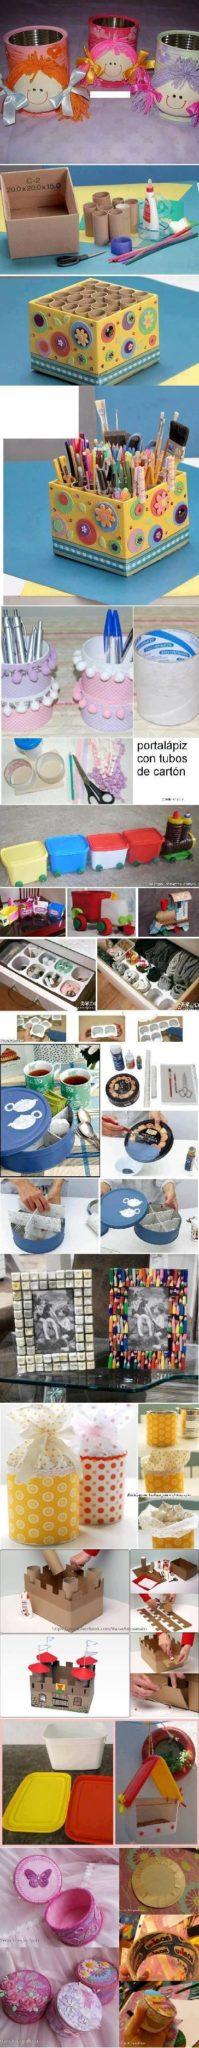 manualitats de reciclatge senzilles